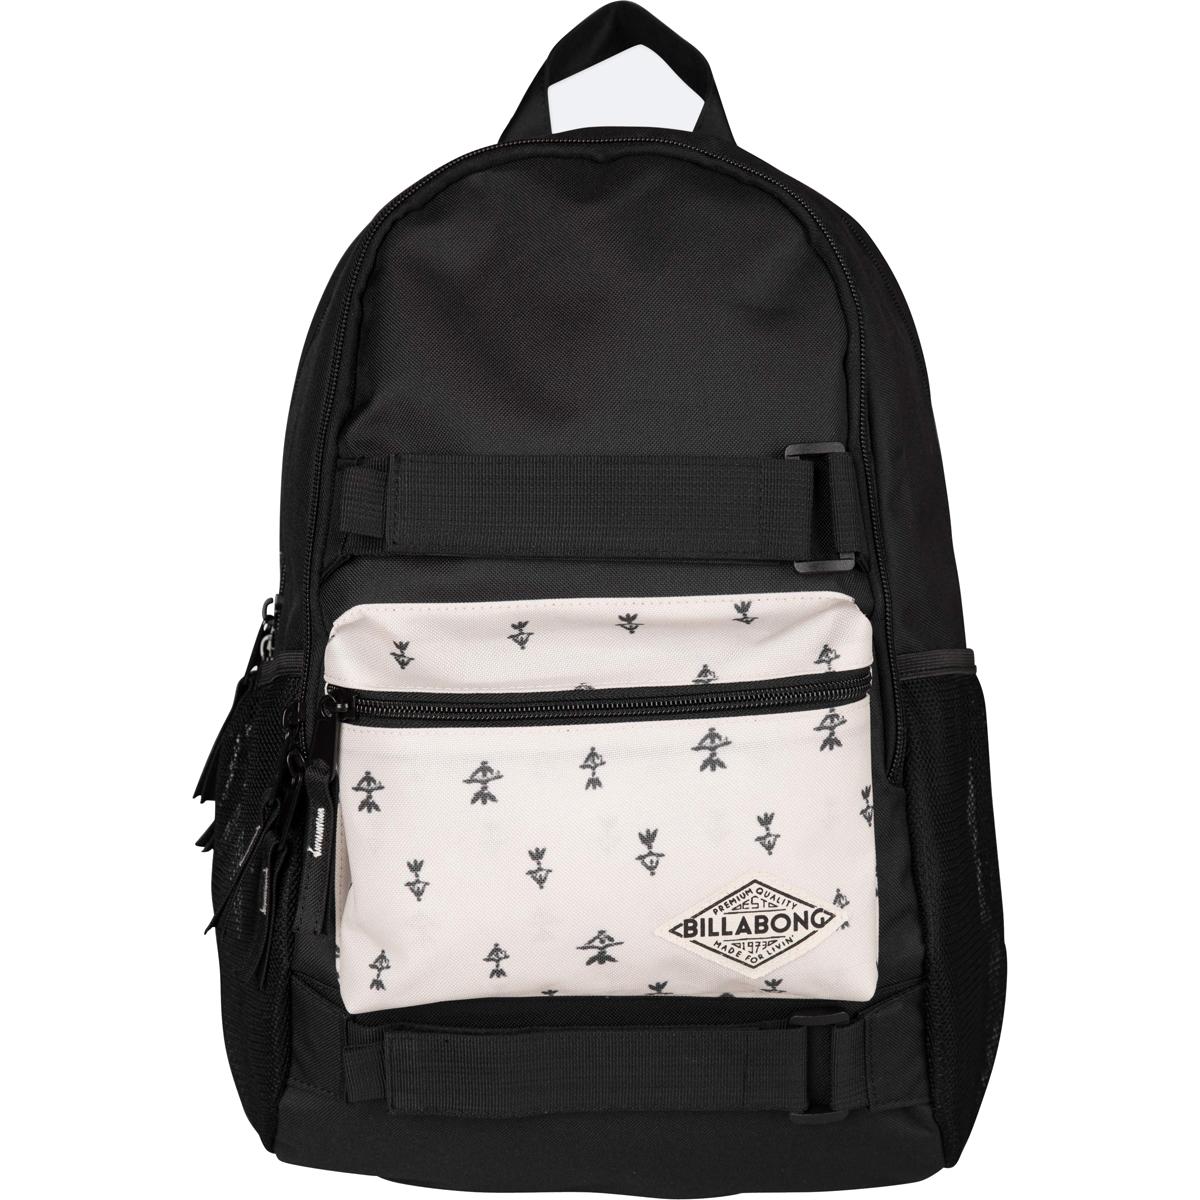 Рюкзак городской Billabong Crew, цвет: черный, 20 л. Z9BP02Z90 blackФункциональный городской рюкзак, выполненный из износостойких материалов, готовый служить Вам долгое время, сохраняя презентабельный внешний вид. Два вместительных отсека с карманом для ноутбука, а также внешний карман на молнии для мелочей. Крепления для скейта и боковые сетчатые карманы.